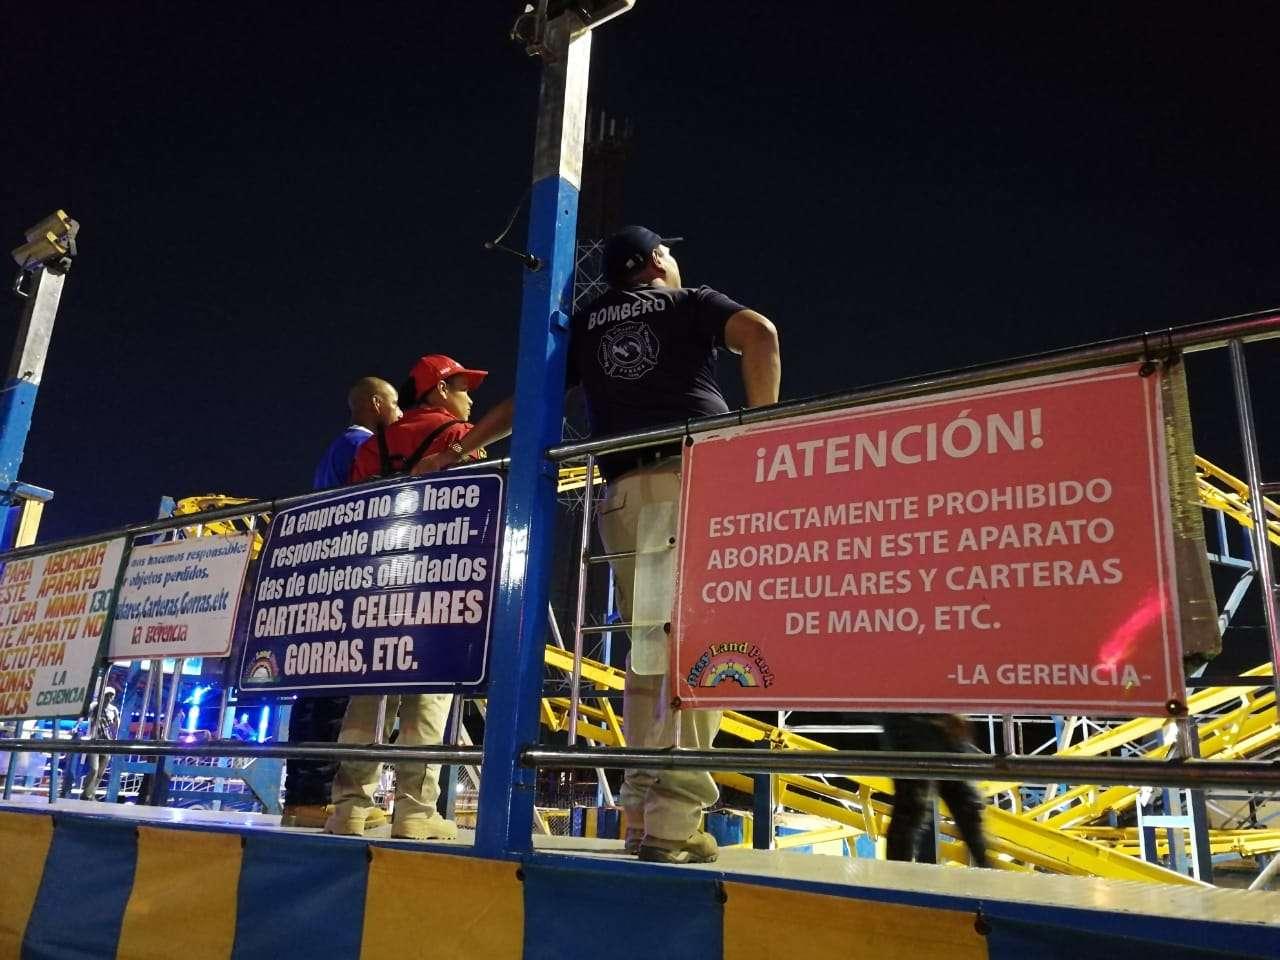 Personal del Cuerpo de Bomberos revisó el aparato luego de reparado. Foto: Mayra Madrid